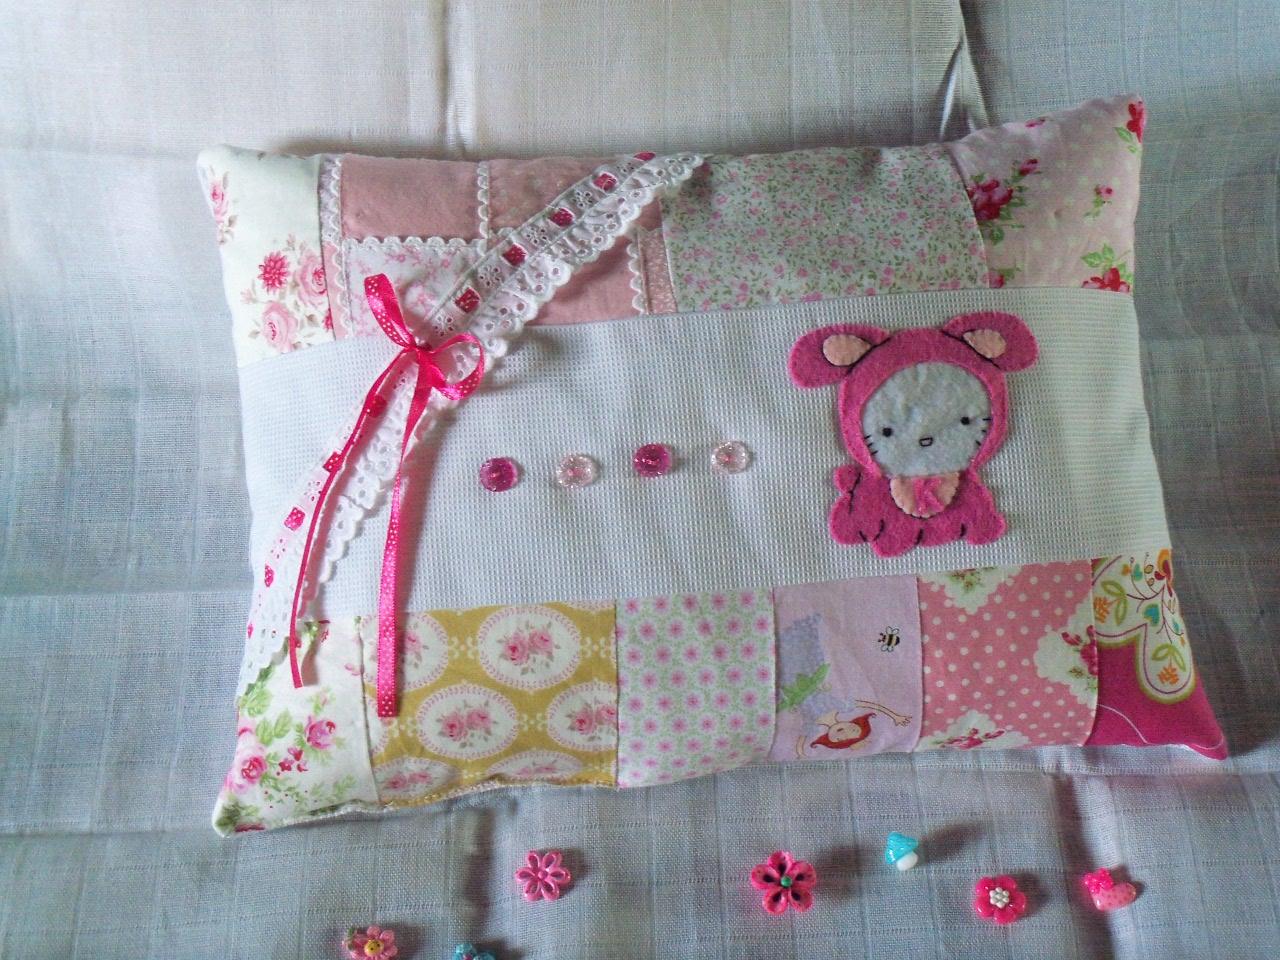 Armario Esquinero ~ L I N D A R T E Artesanato Urbano Almofadas decorativas para a caminha dos bébés